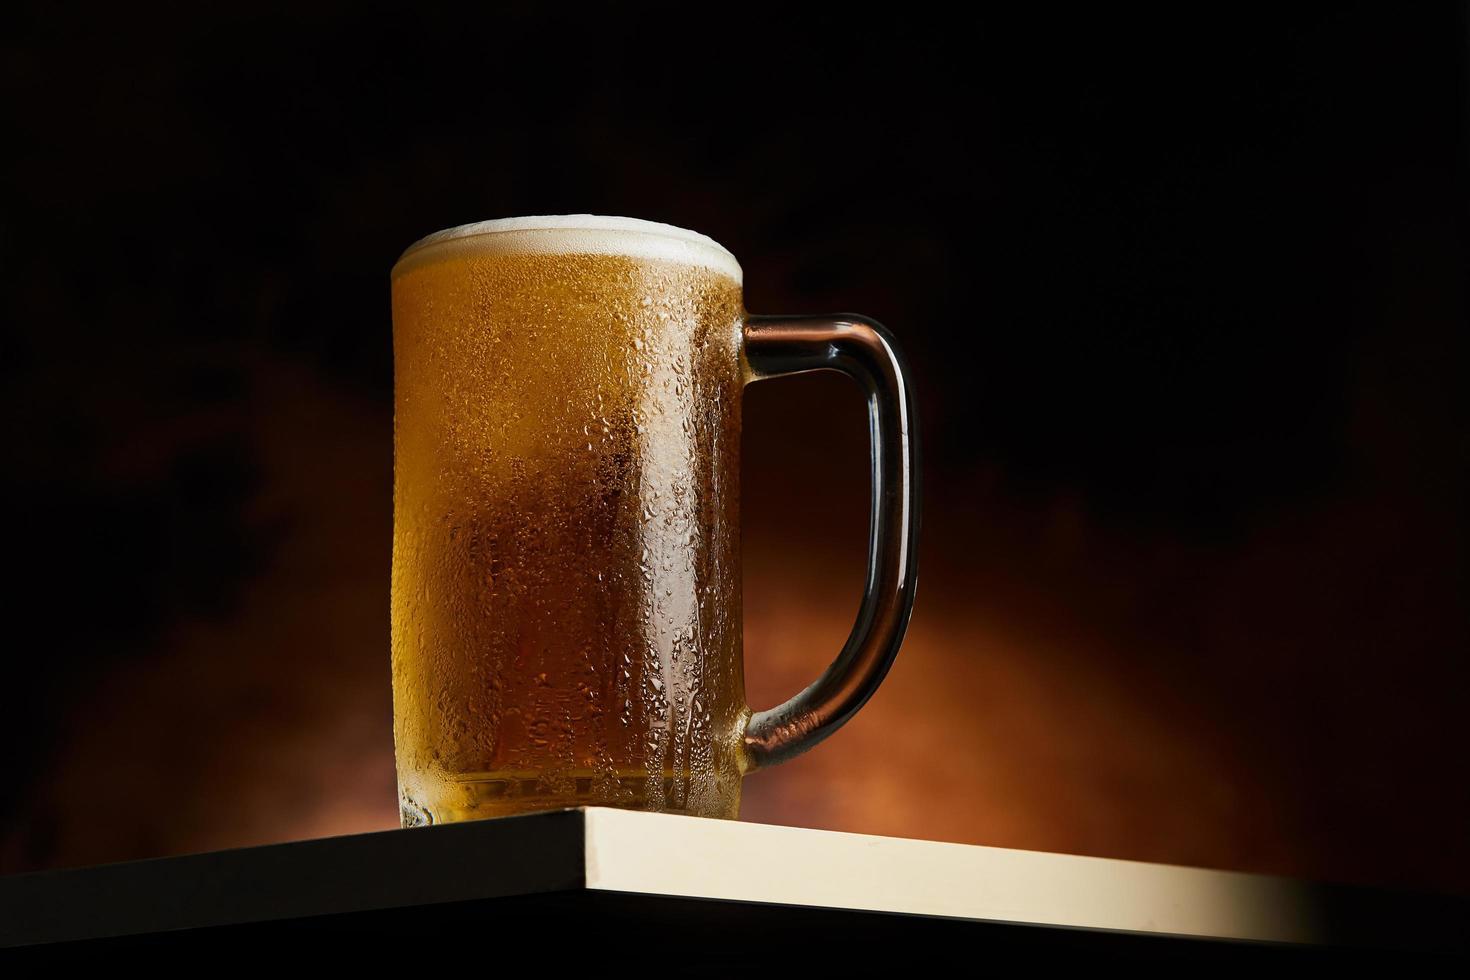 bière en chope sur une table en bois photo